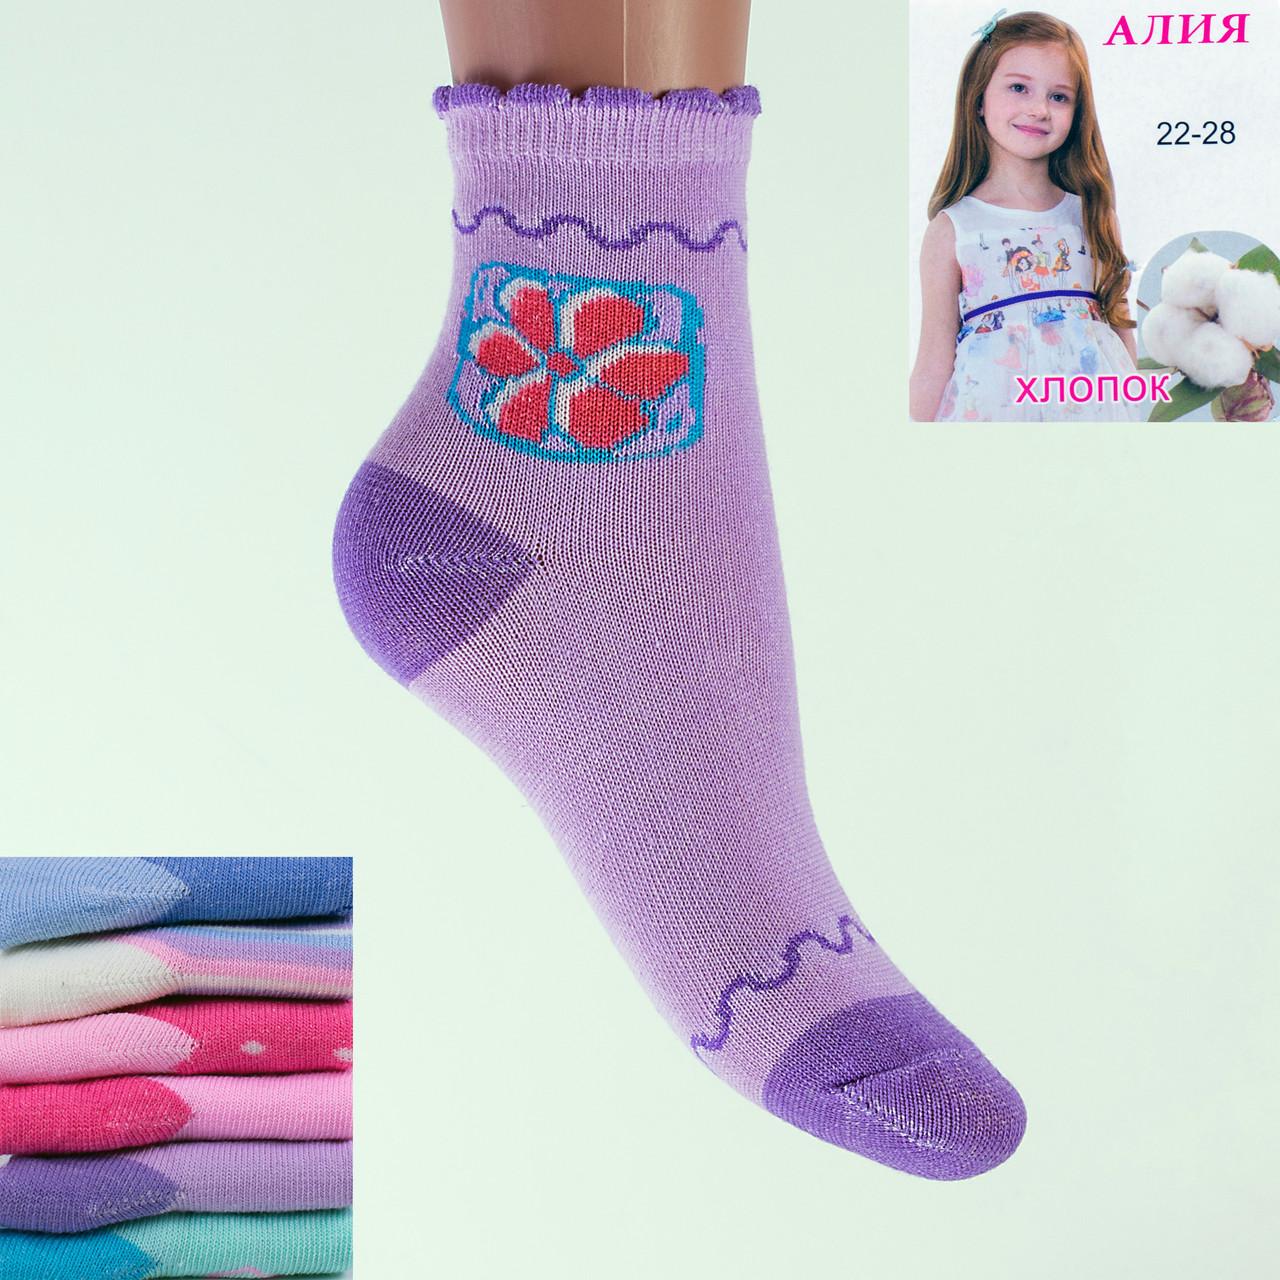 Детские носки надевочку Aliya 2012-2 22-28. В упаковке 12 пар